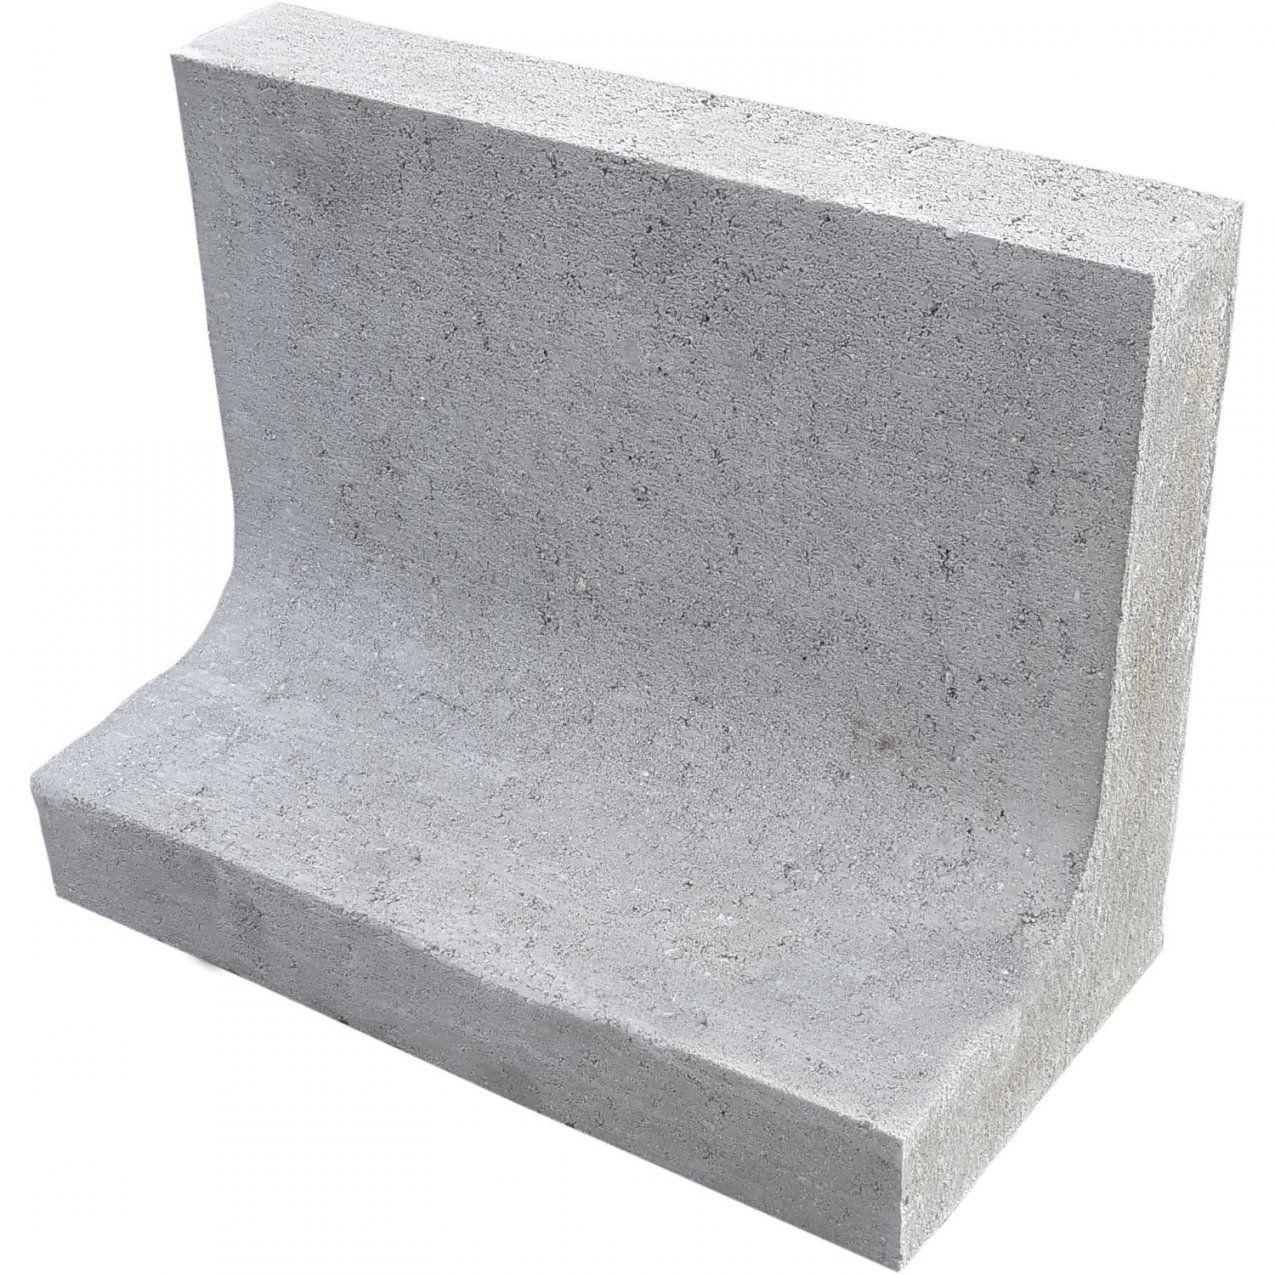 Lstein Unbewehrt Grau 30 Cm X 40 Cm X 20 Cm Kaufen Bei Obi von Beton U Steine Obi Bild